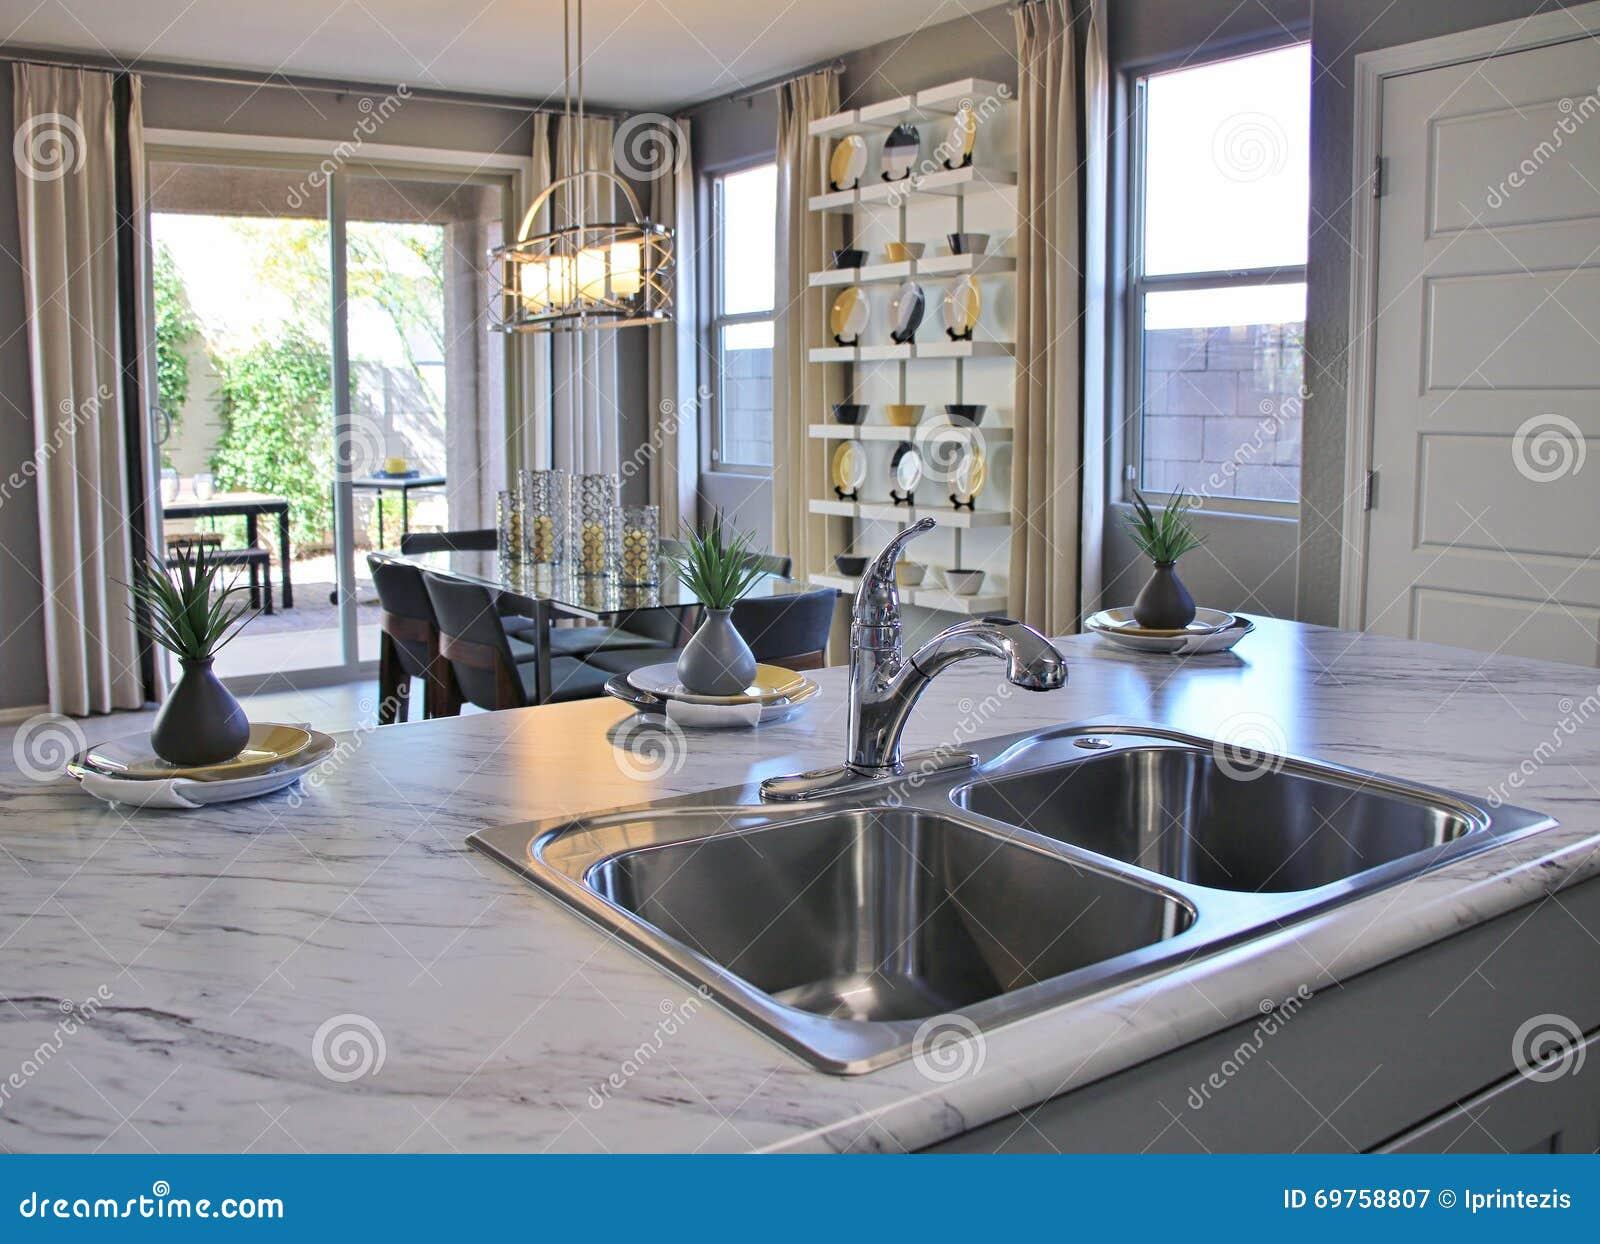 Cucina E Sala Da Pranzo Moderne Immagine Stock - Immagine di ...